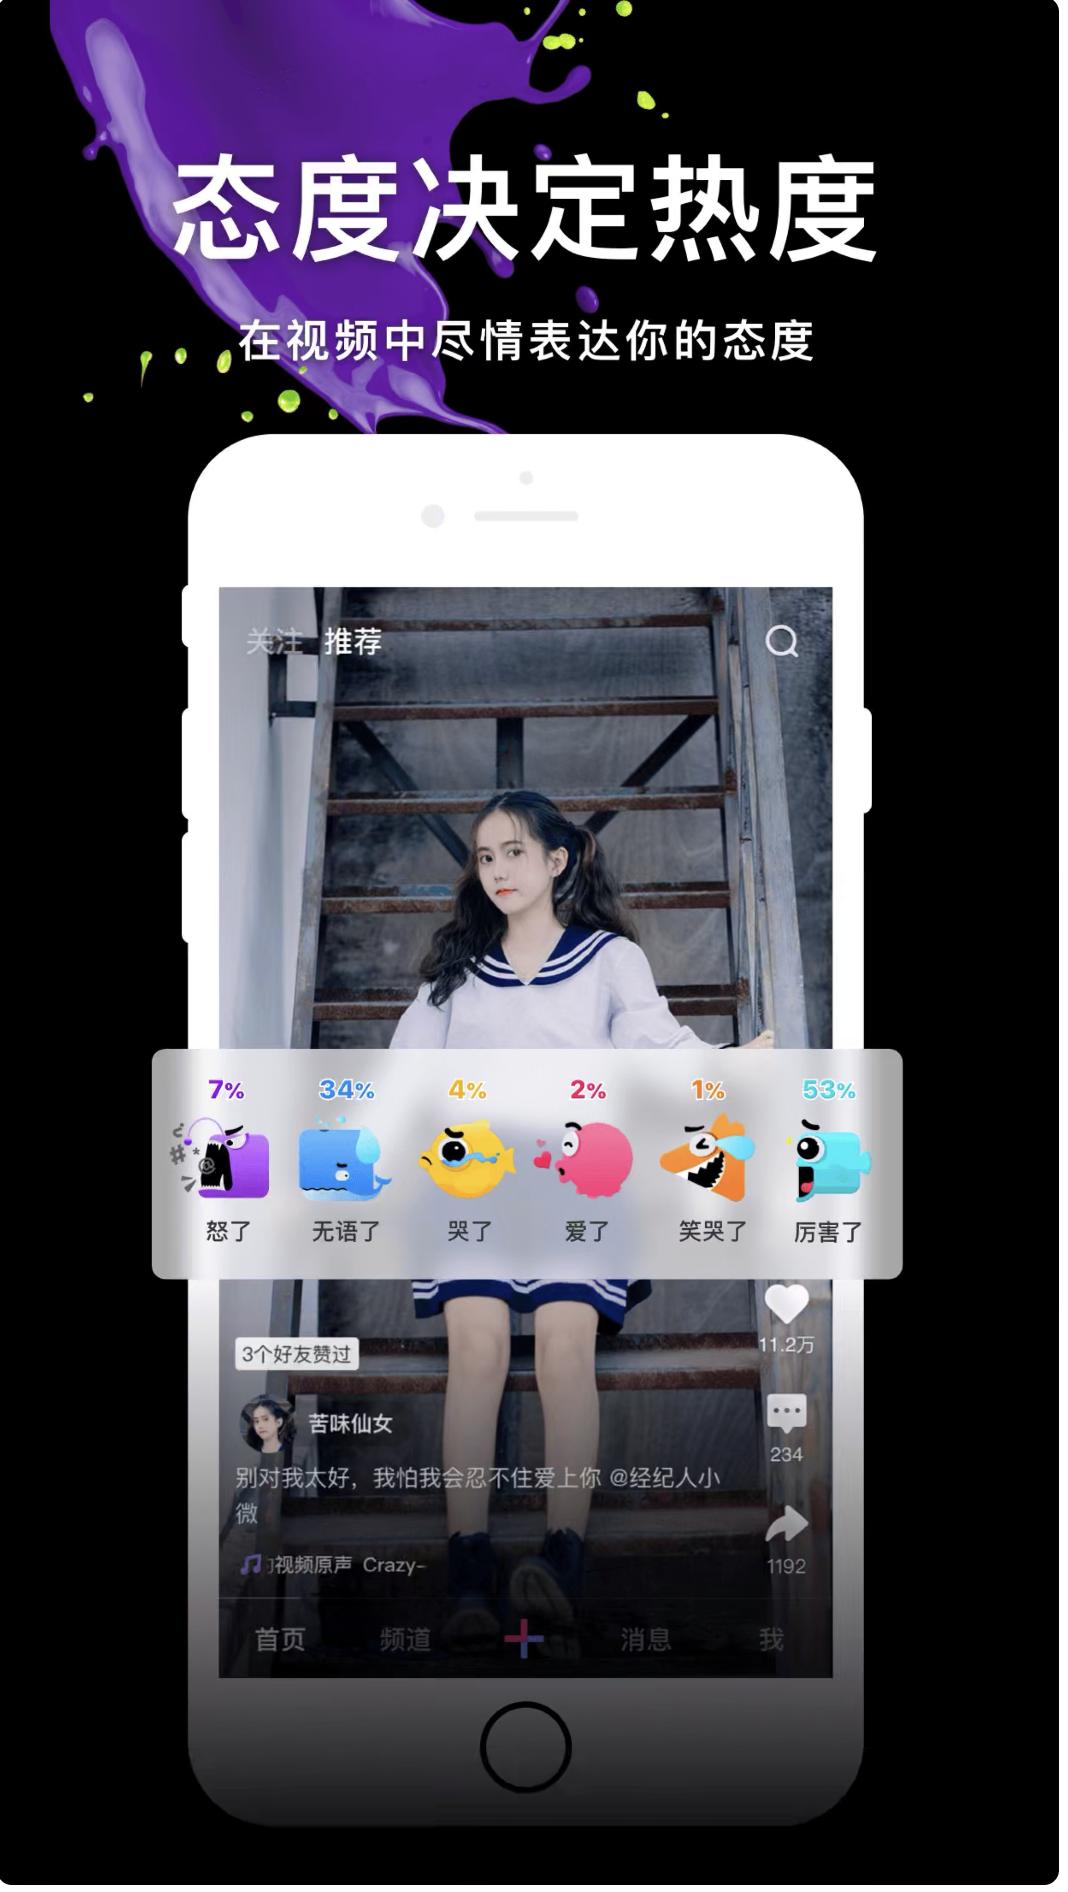 微视短视频APP下载-腾讯微视手机版-微视Wesee安卓版/苹果版/电脑版安装-飞翔软件下载